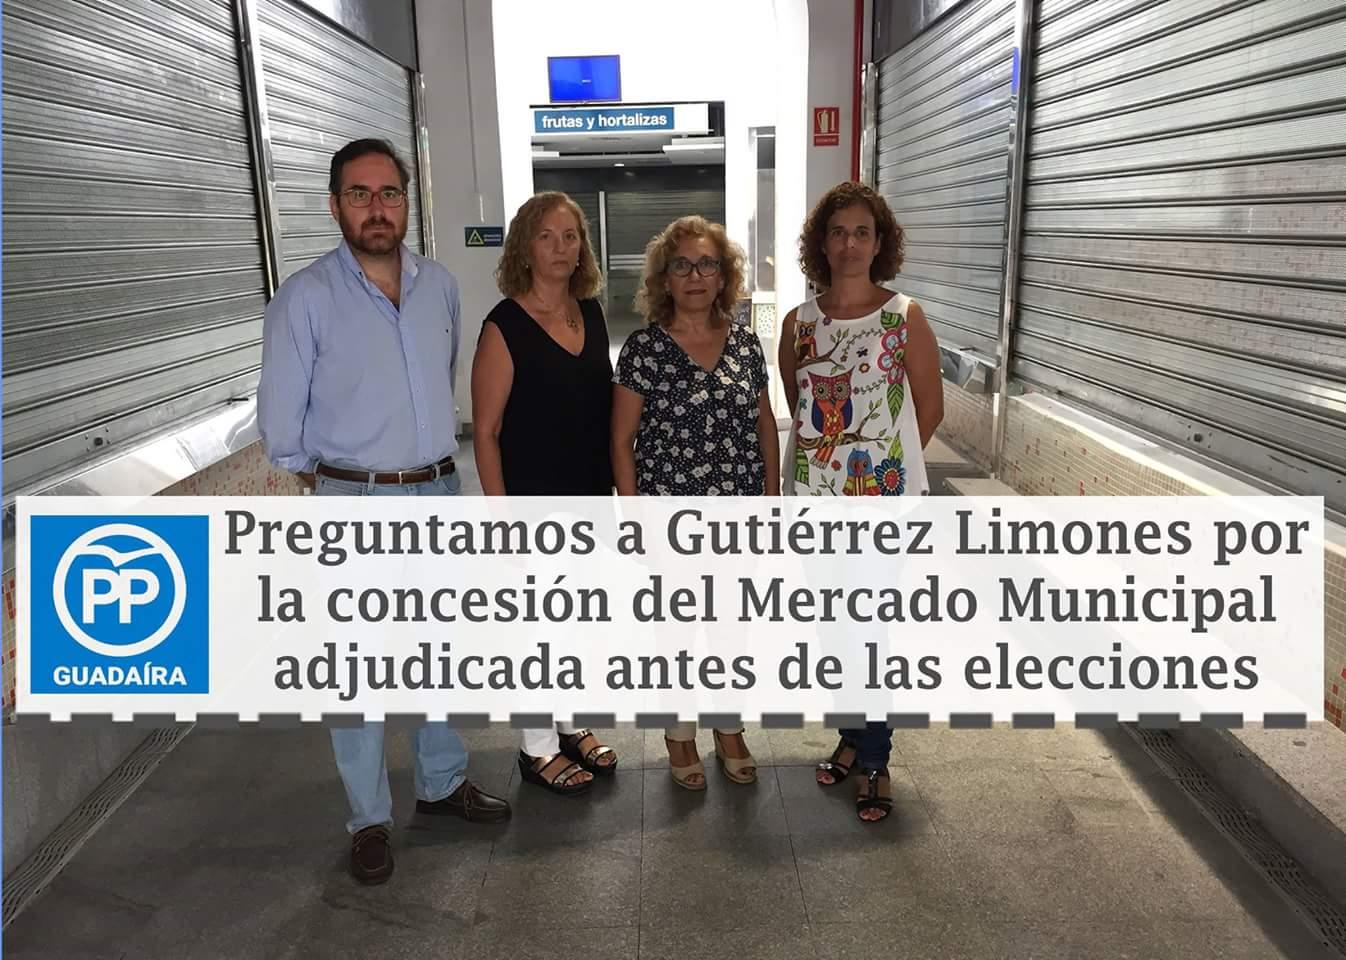 La Plaza de Abastos de Alcalá de Guadaíra sin avances claros